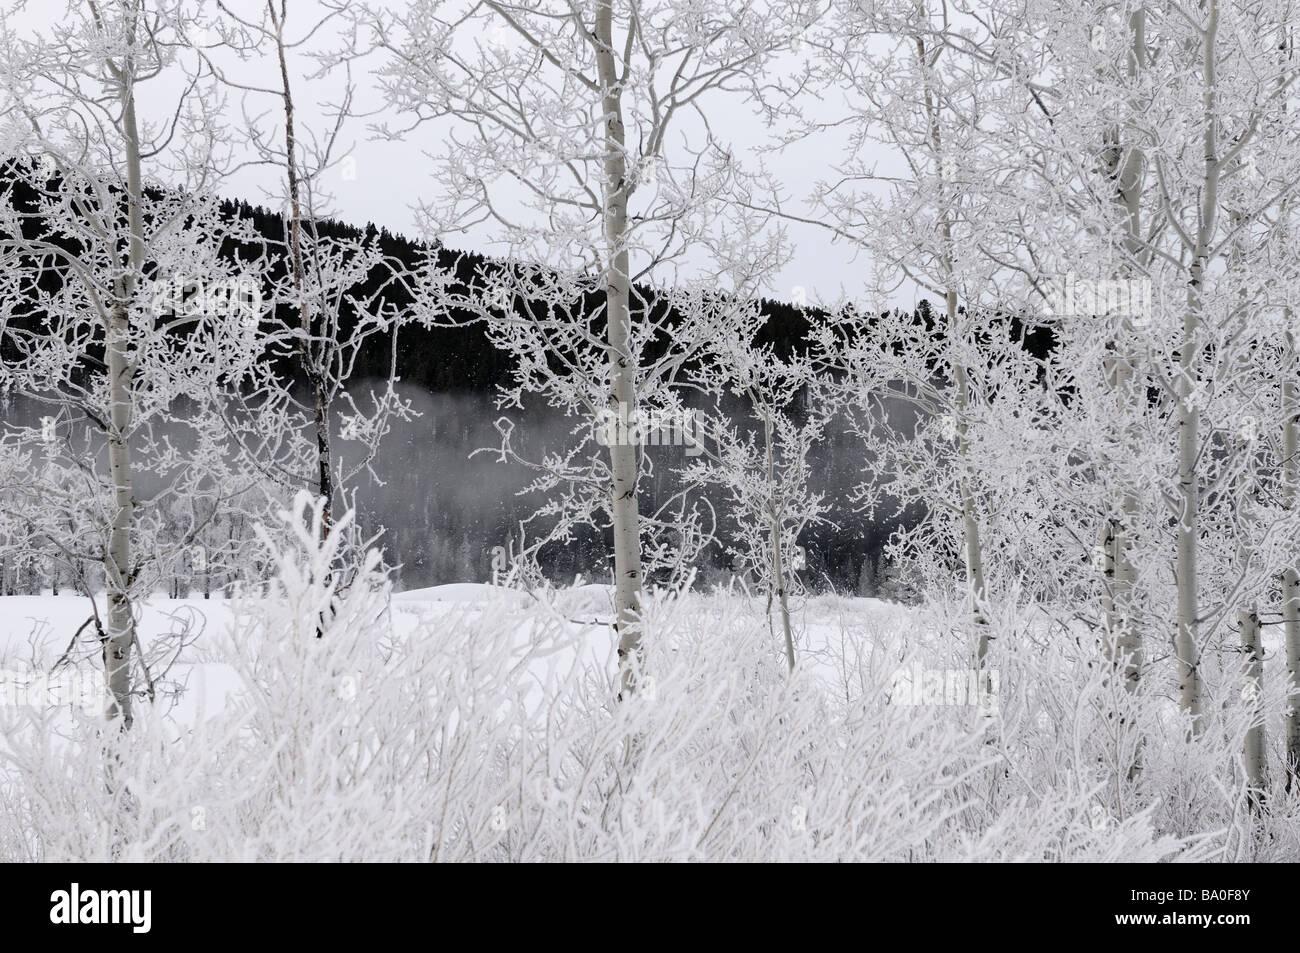 Alberi e cespugli coperto di brina in corrispondenza di lanca piegare sul fiume Snake contro segnale scuro montagna nel parco nazionale di Grand Teton Wyoming usa Foto Stock